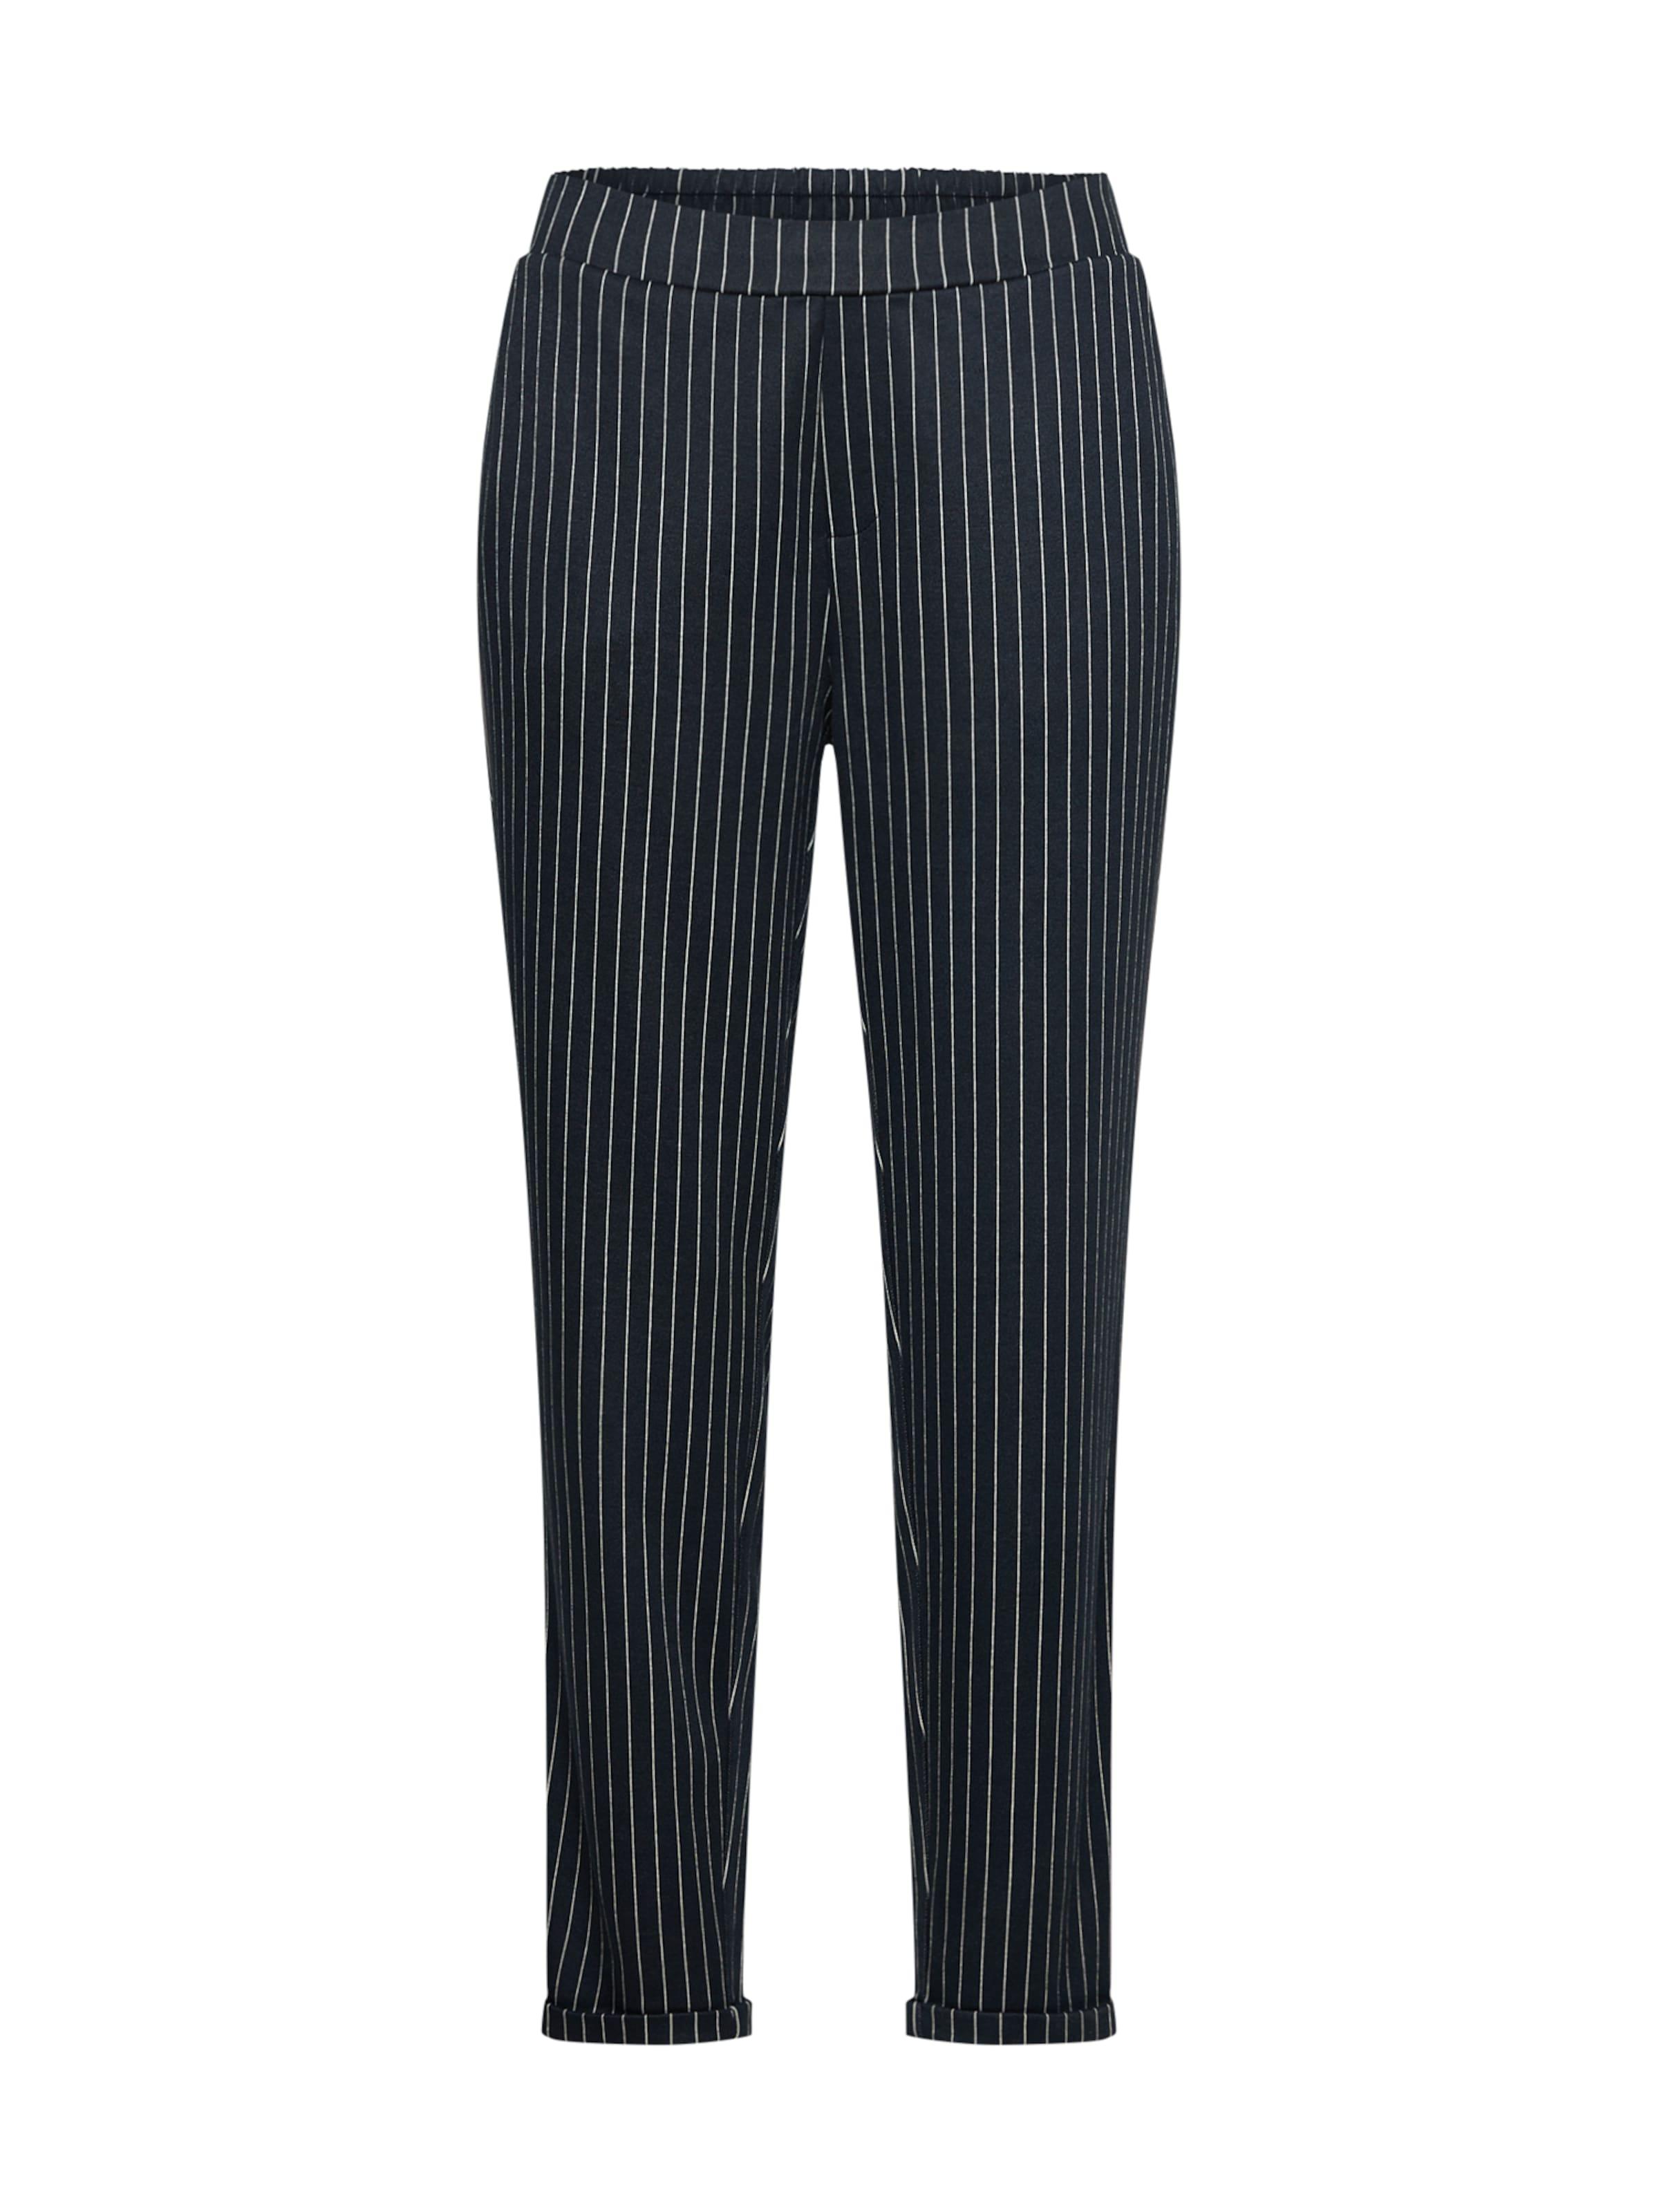 OBJECT Élére vasalt nadrágok tengerészkék / fehér színben